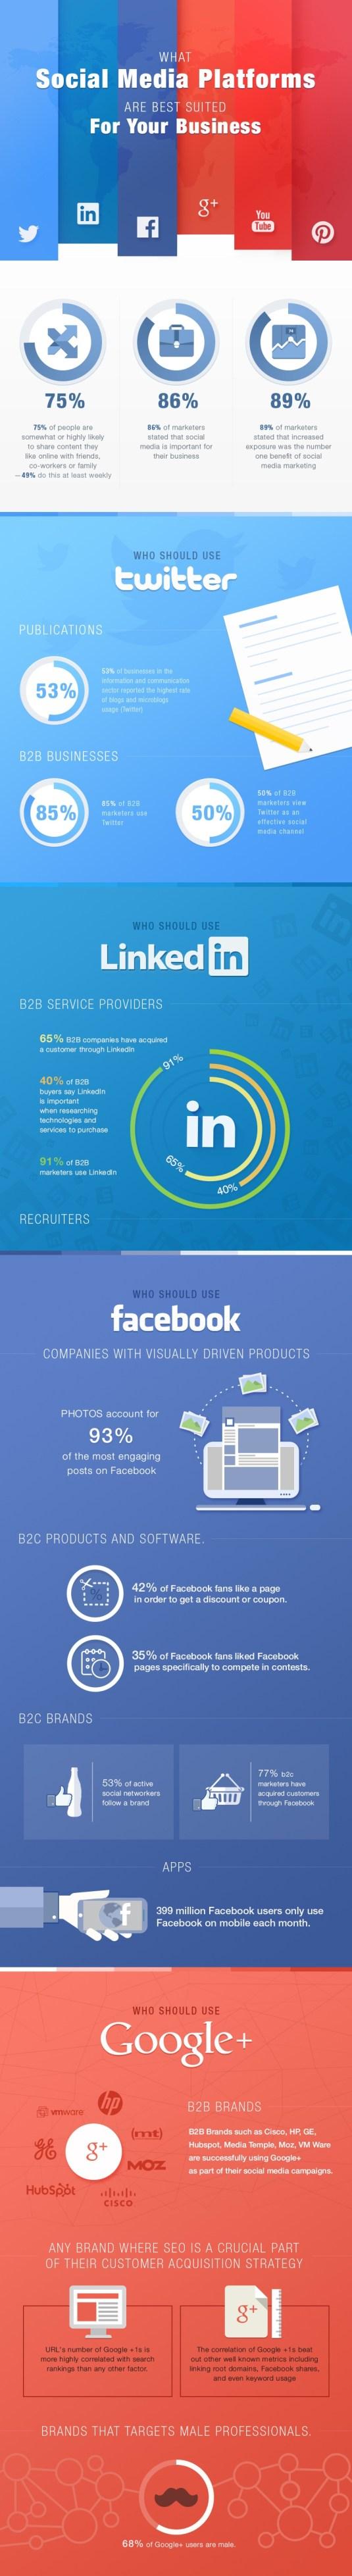 Infographie les réseaux sociaux pour la communication B2B